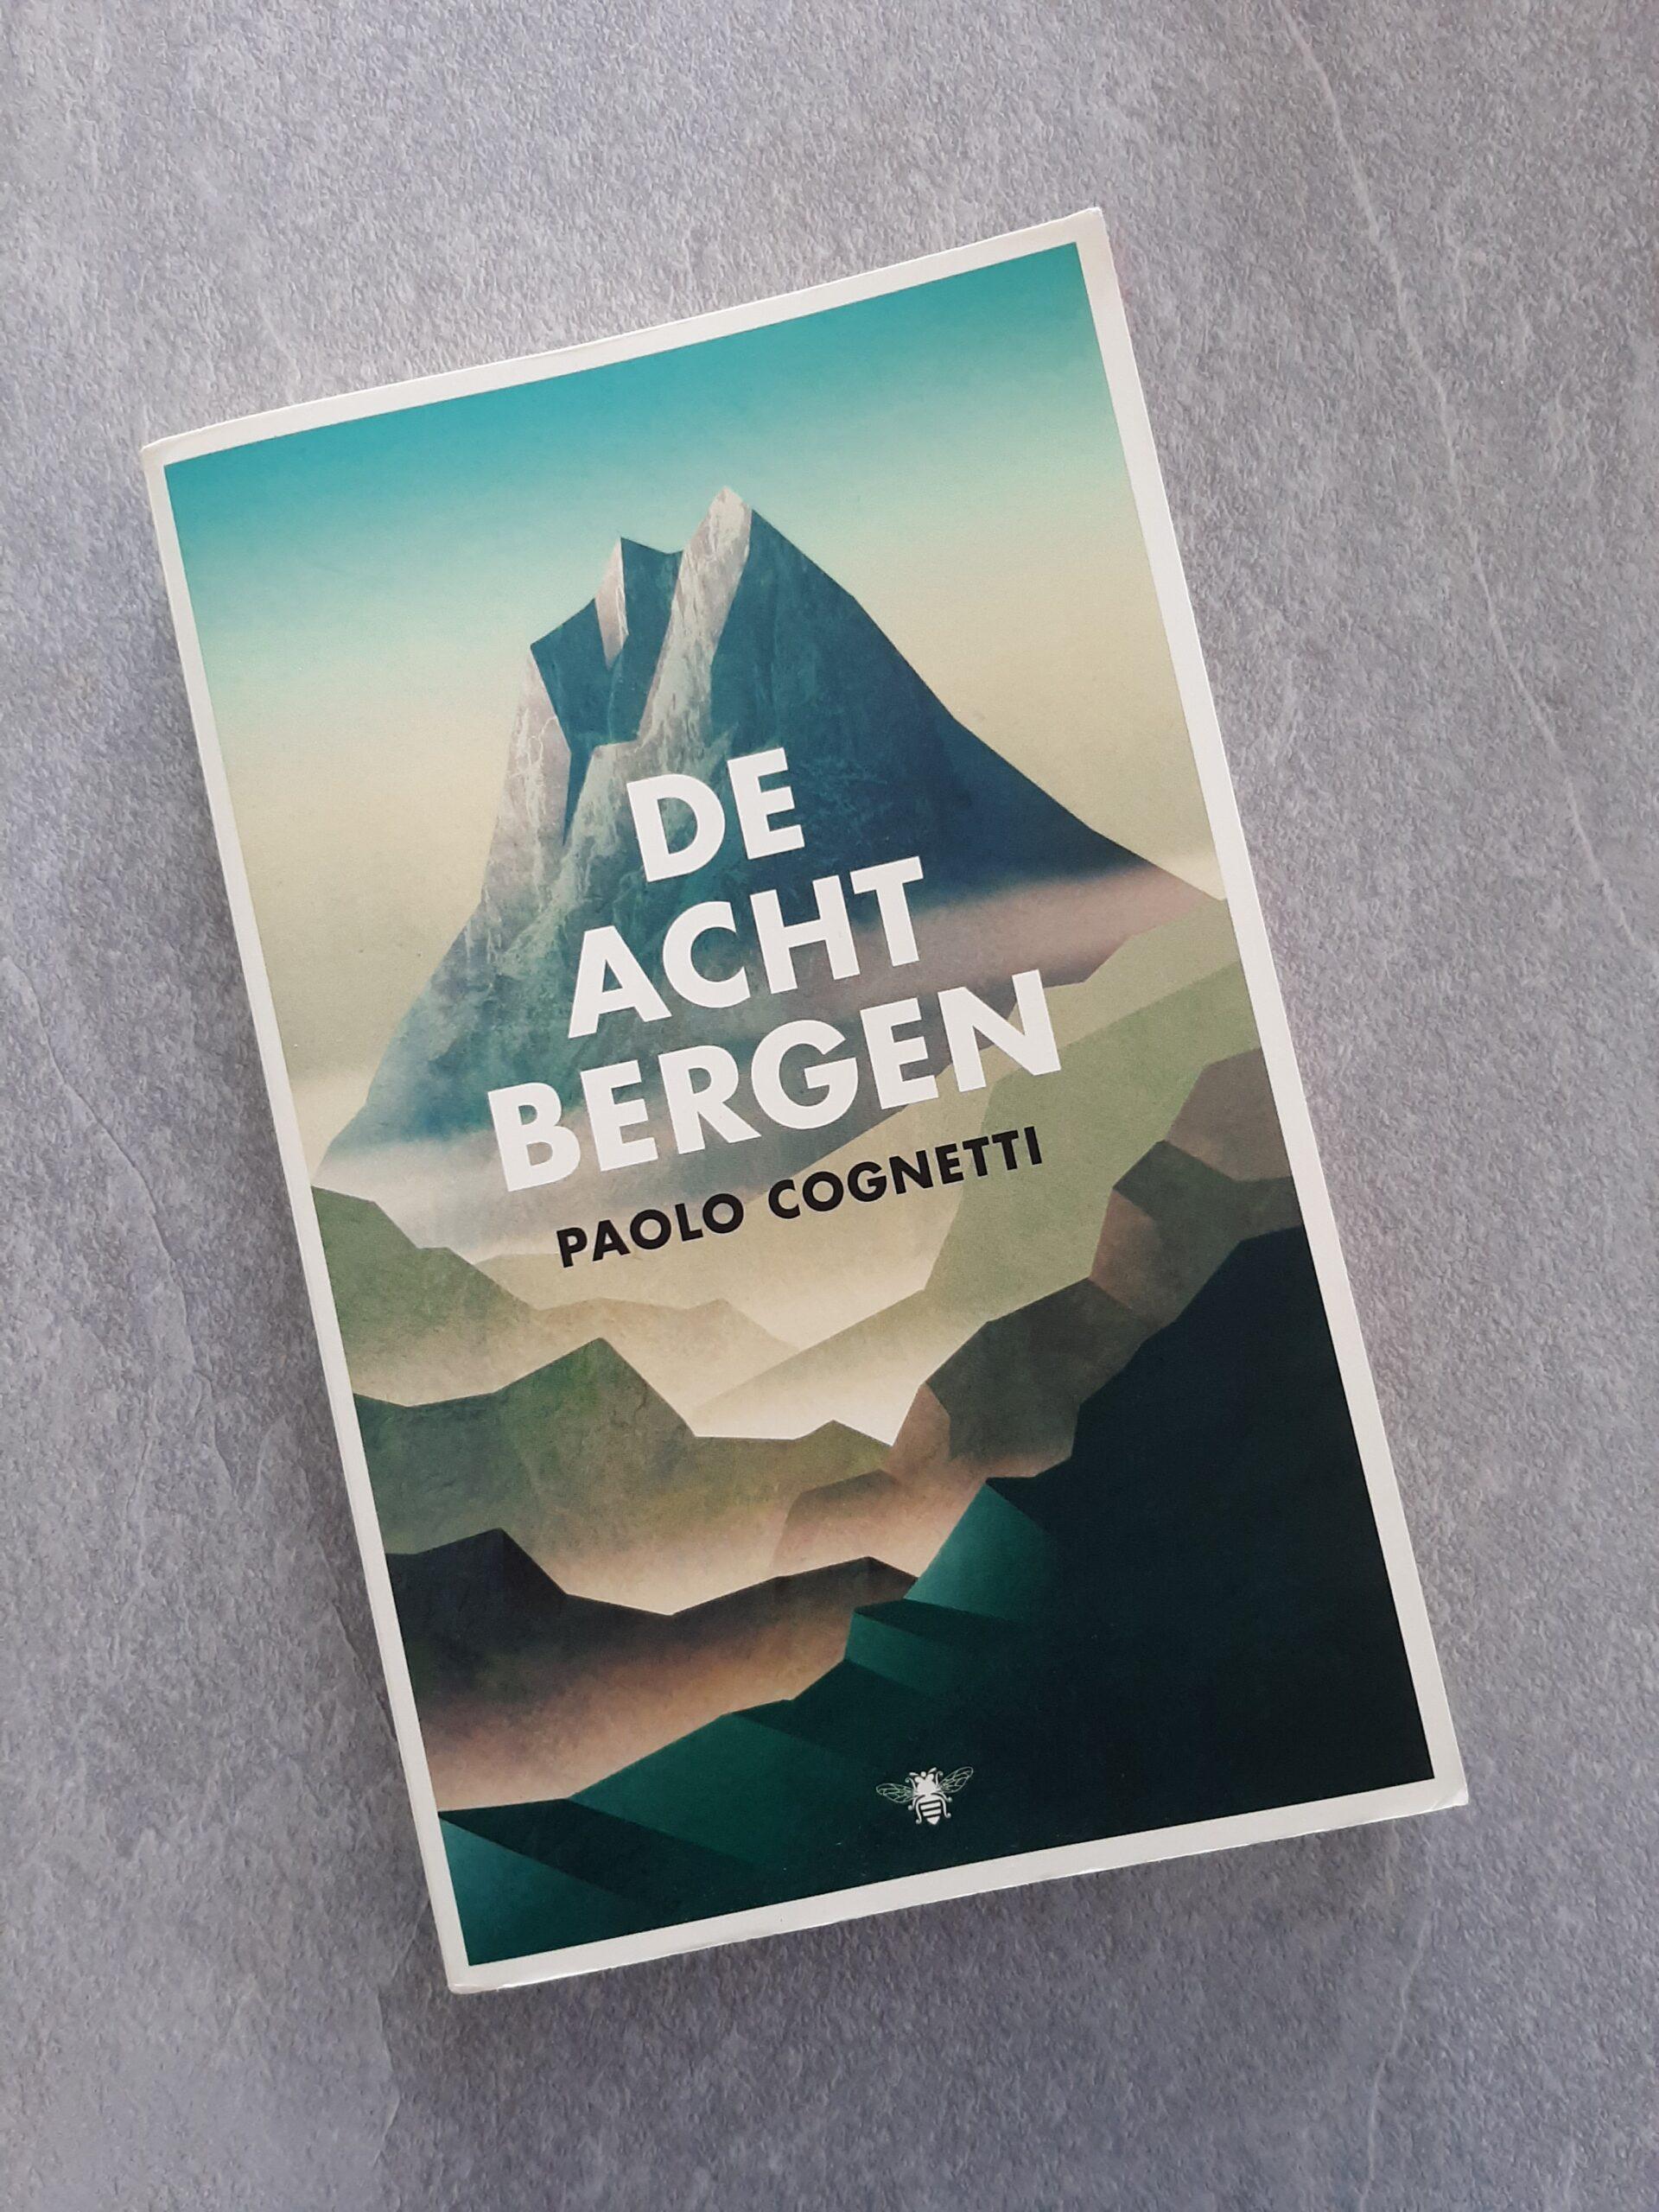 Boek van de week: de acht bergen